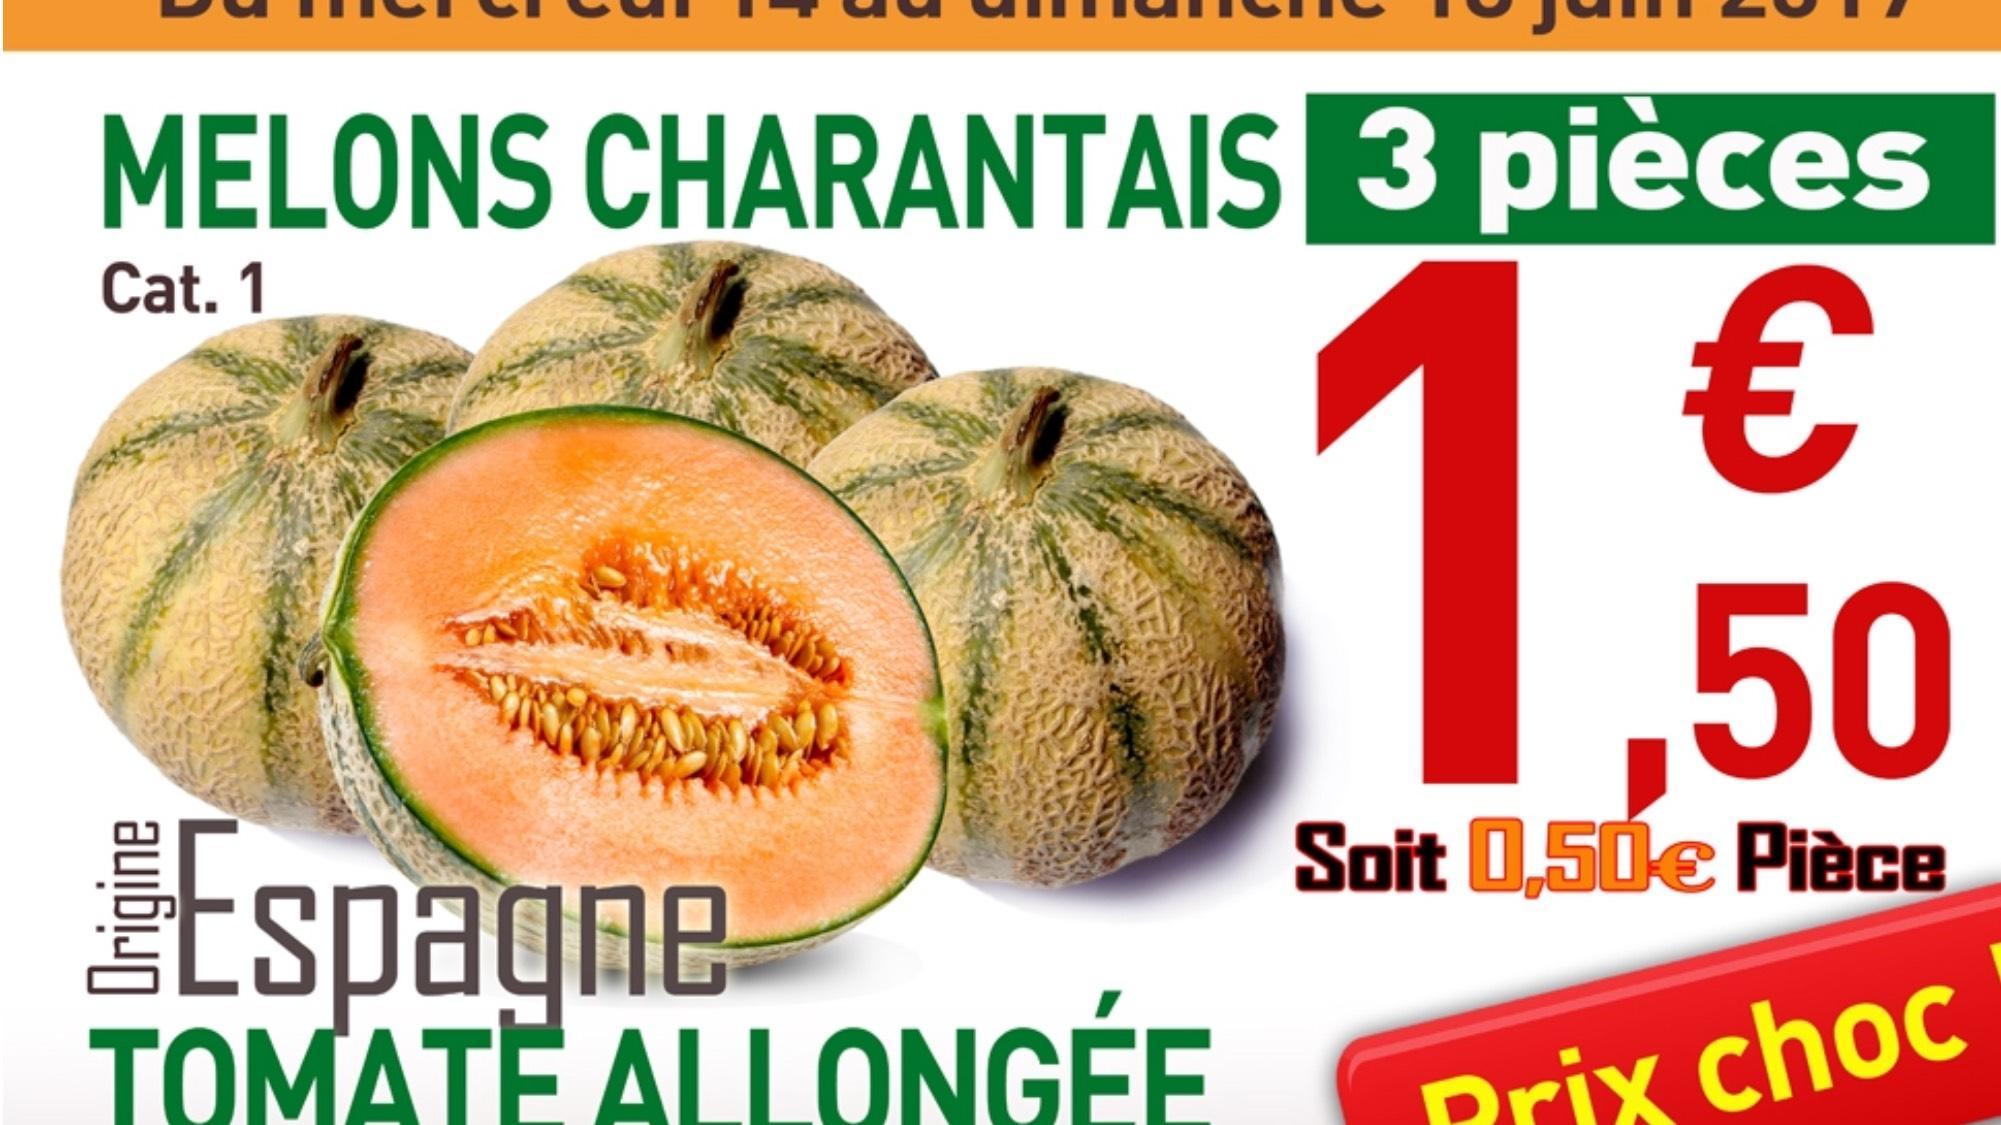 Lot de 3 Melons Charentais Catégorie 1 - Origine Espagne